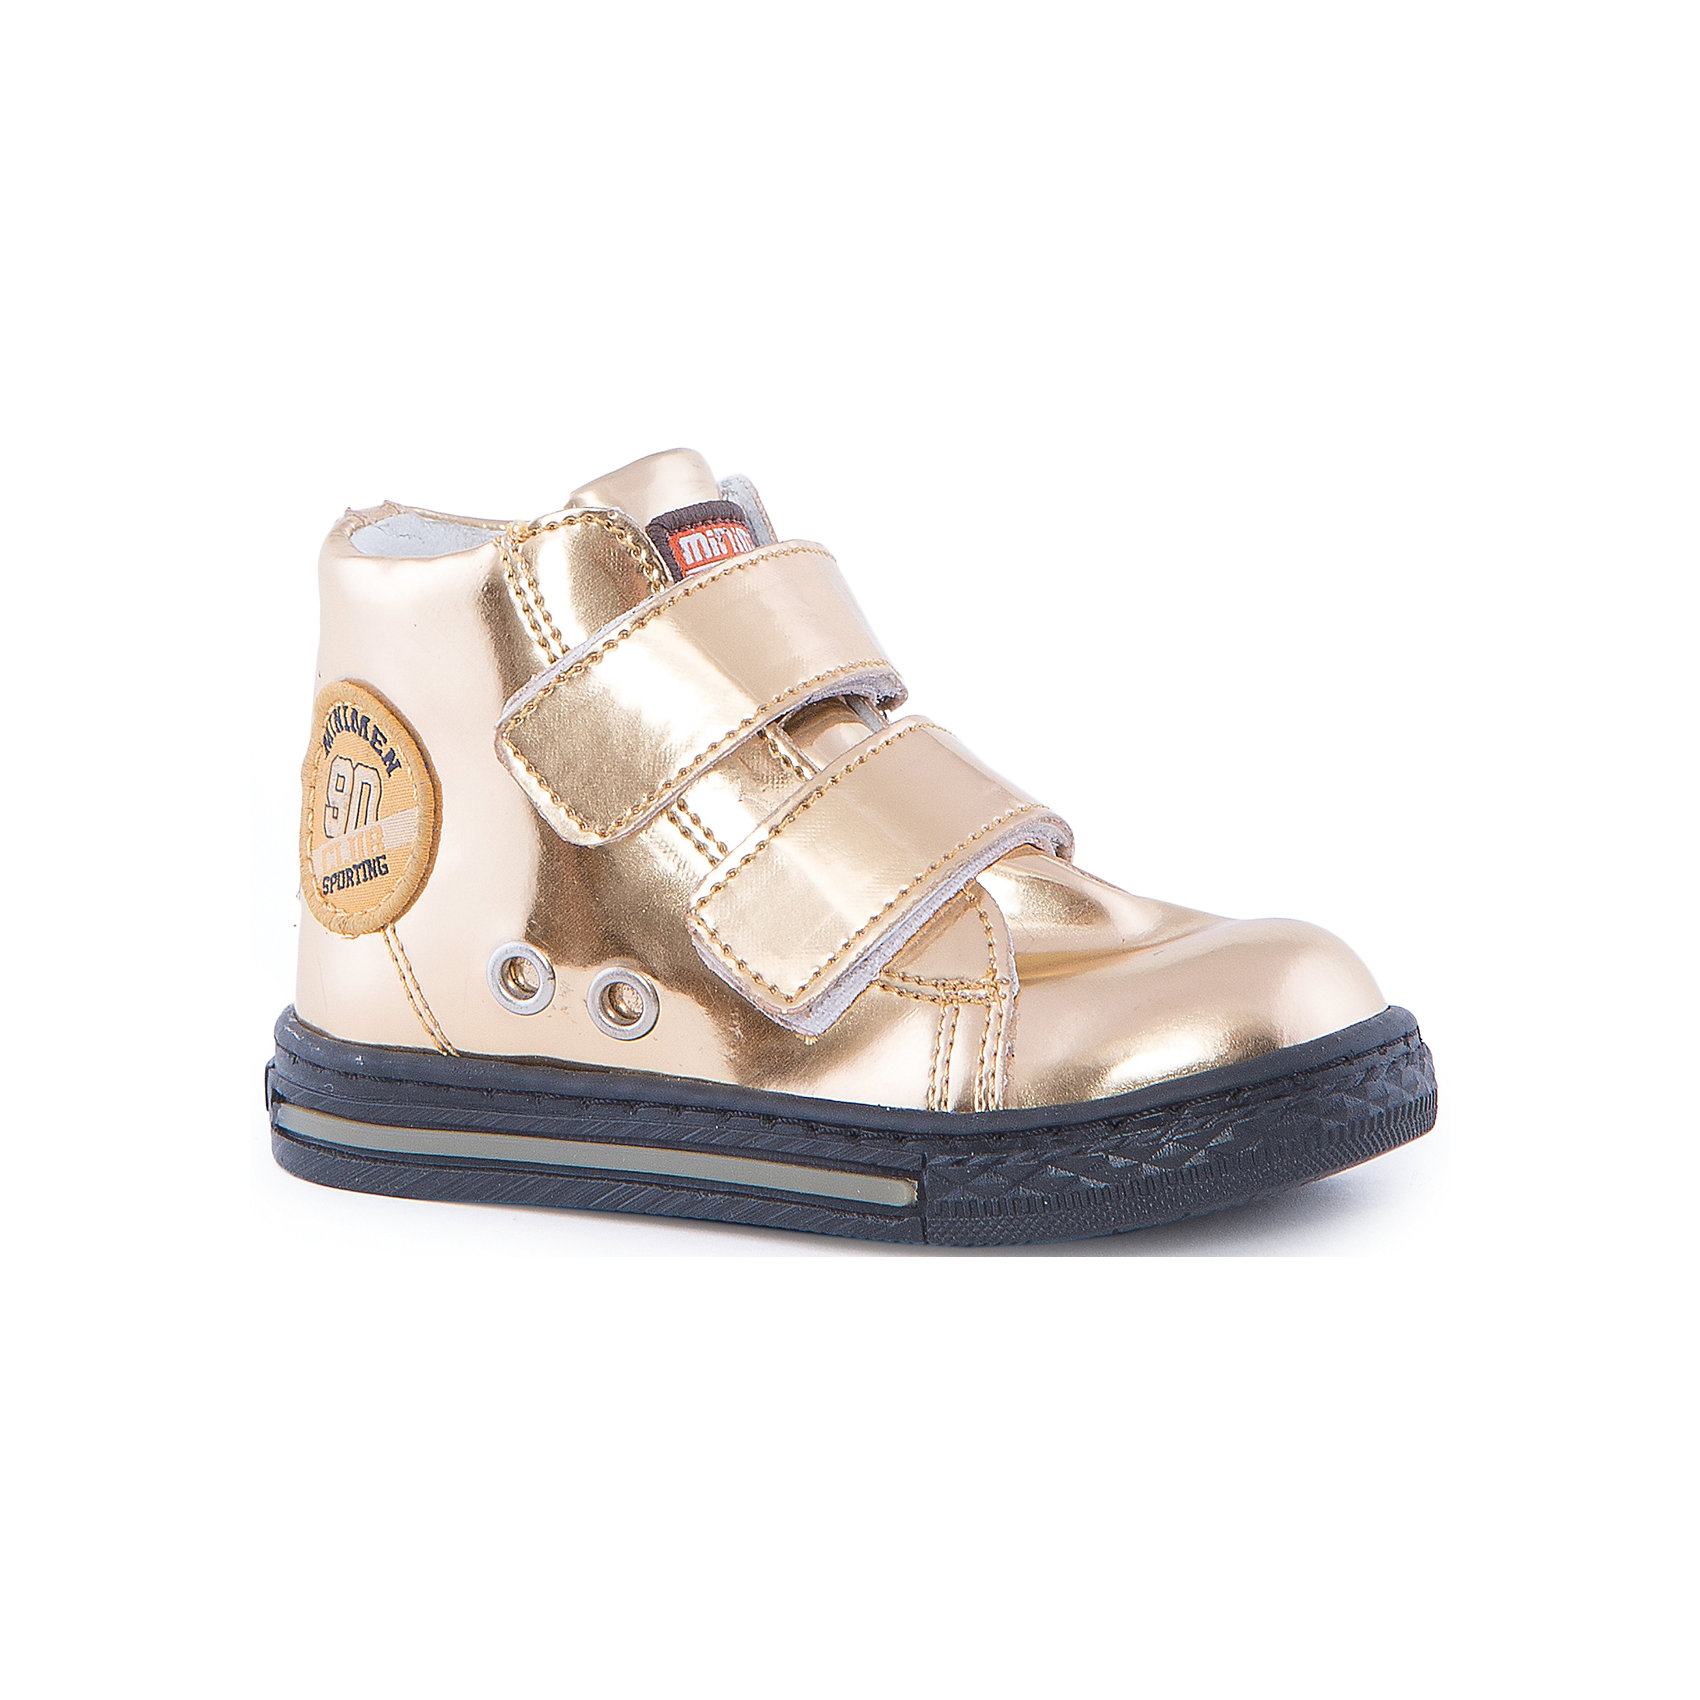 Ботинки для девочки MinimenСтильные и практичные ботиночки от Minimen. Они имеют ортопедическую стельку и толстую подошву. Ботинки легко надевать и застегивать при помощи липучек. Кроме того, вы можете не переживать о промокших ногах, если ребенок пройдет по луже. Отлично подойдут для осени.<br><br>Дополнительная информация:<br>Стелька: супинатор<br>Цвет: золотой<br>Сезон: осень<br>Материал: кожа<br><br>Ботинки Minimen можно купить в нашем интернет-магазине.<br><br>Ширина мм: 262<br>Глубина мм: 176<br>Высота мм: 97<br>Вес г: 427<br>Цвет: бежевый<br>Возраст от месяцев: 15<br>Возраст до месяцев: 18<br>Пол: Женский<br>Возраст: Детский<br>Размер: 22,21,20,24,23<br>SKU: 4969978